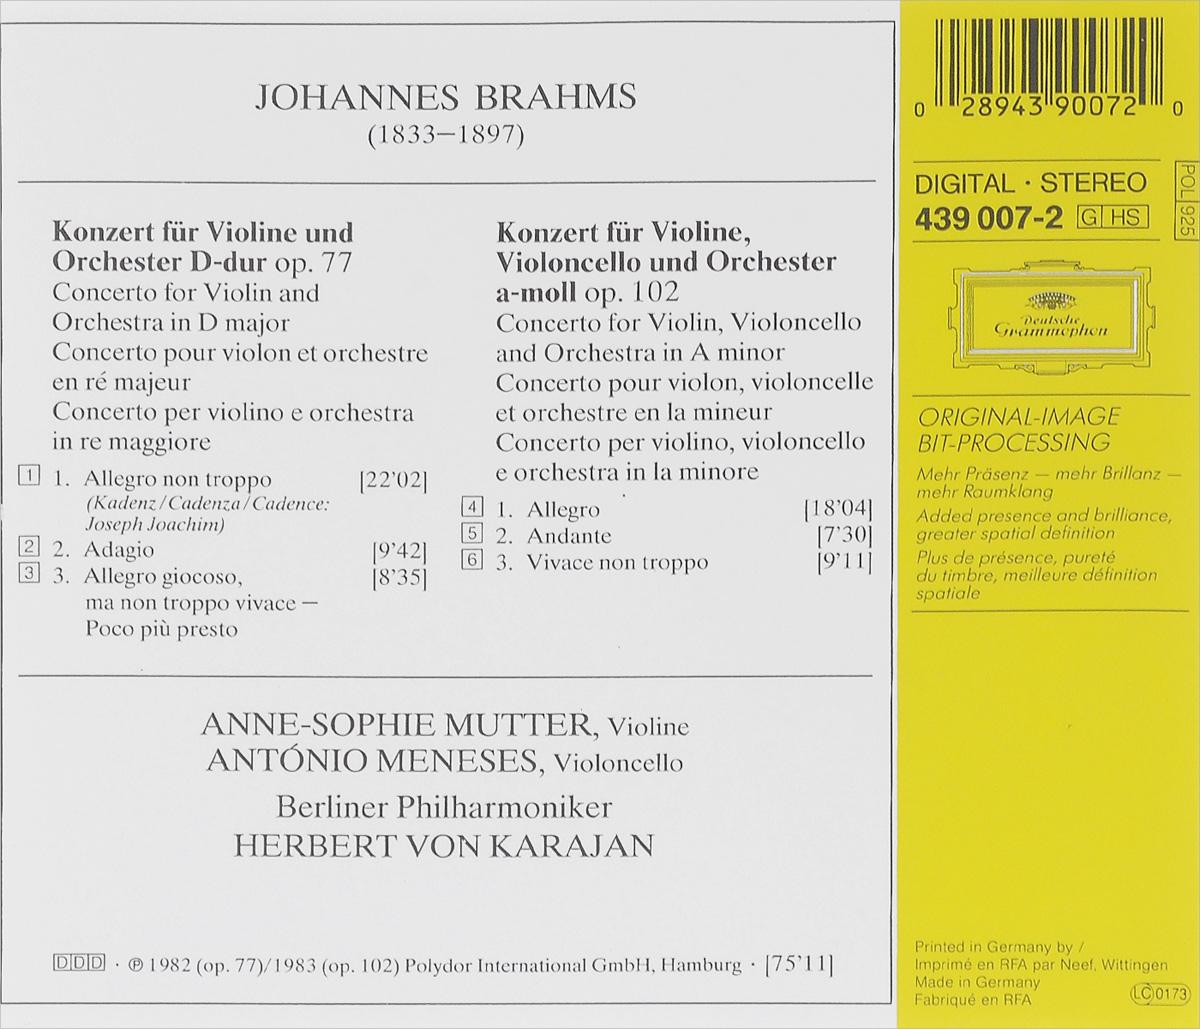 Herbert Von Karajan.  Johannes Brahms.  Violinkonzert / Doppelkonzert Polydor International GmbH, Hamburg,ООО